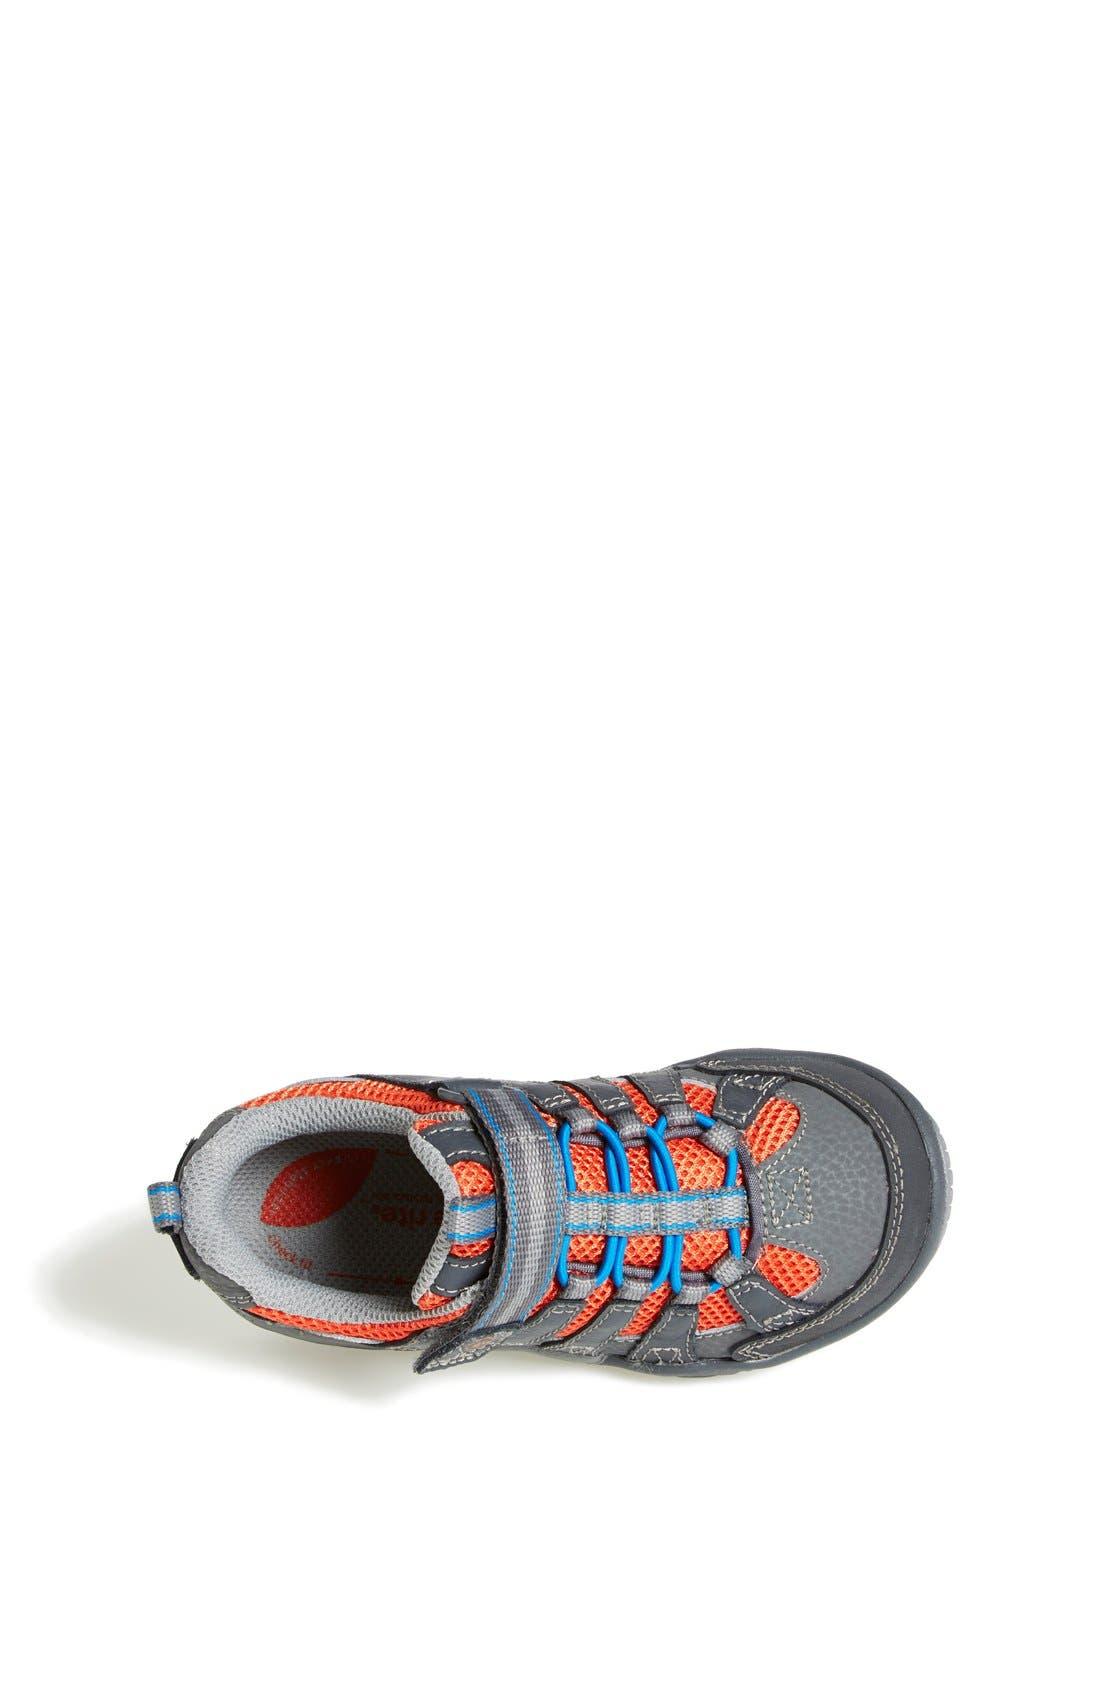 Alternate Image 3  - Stride Rite 'SRT PS Jasper' Sneaker (Online Only) (Toddler & Little Kid)